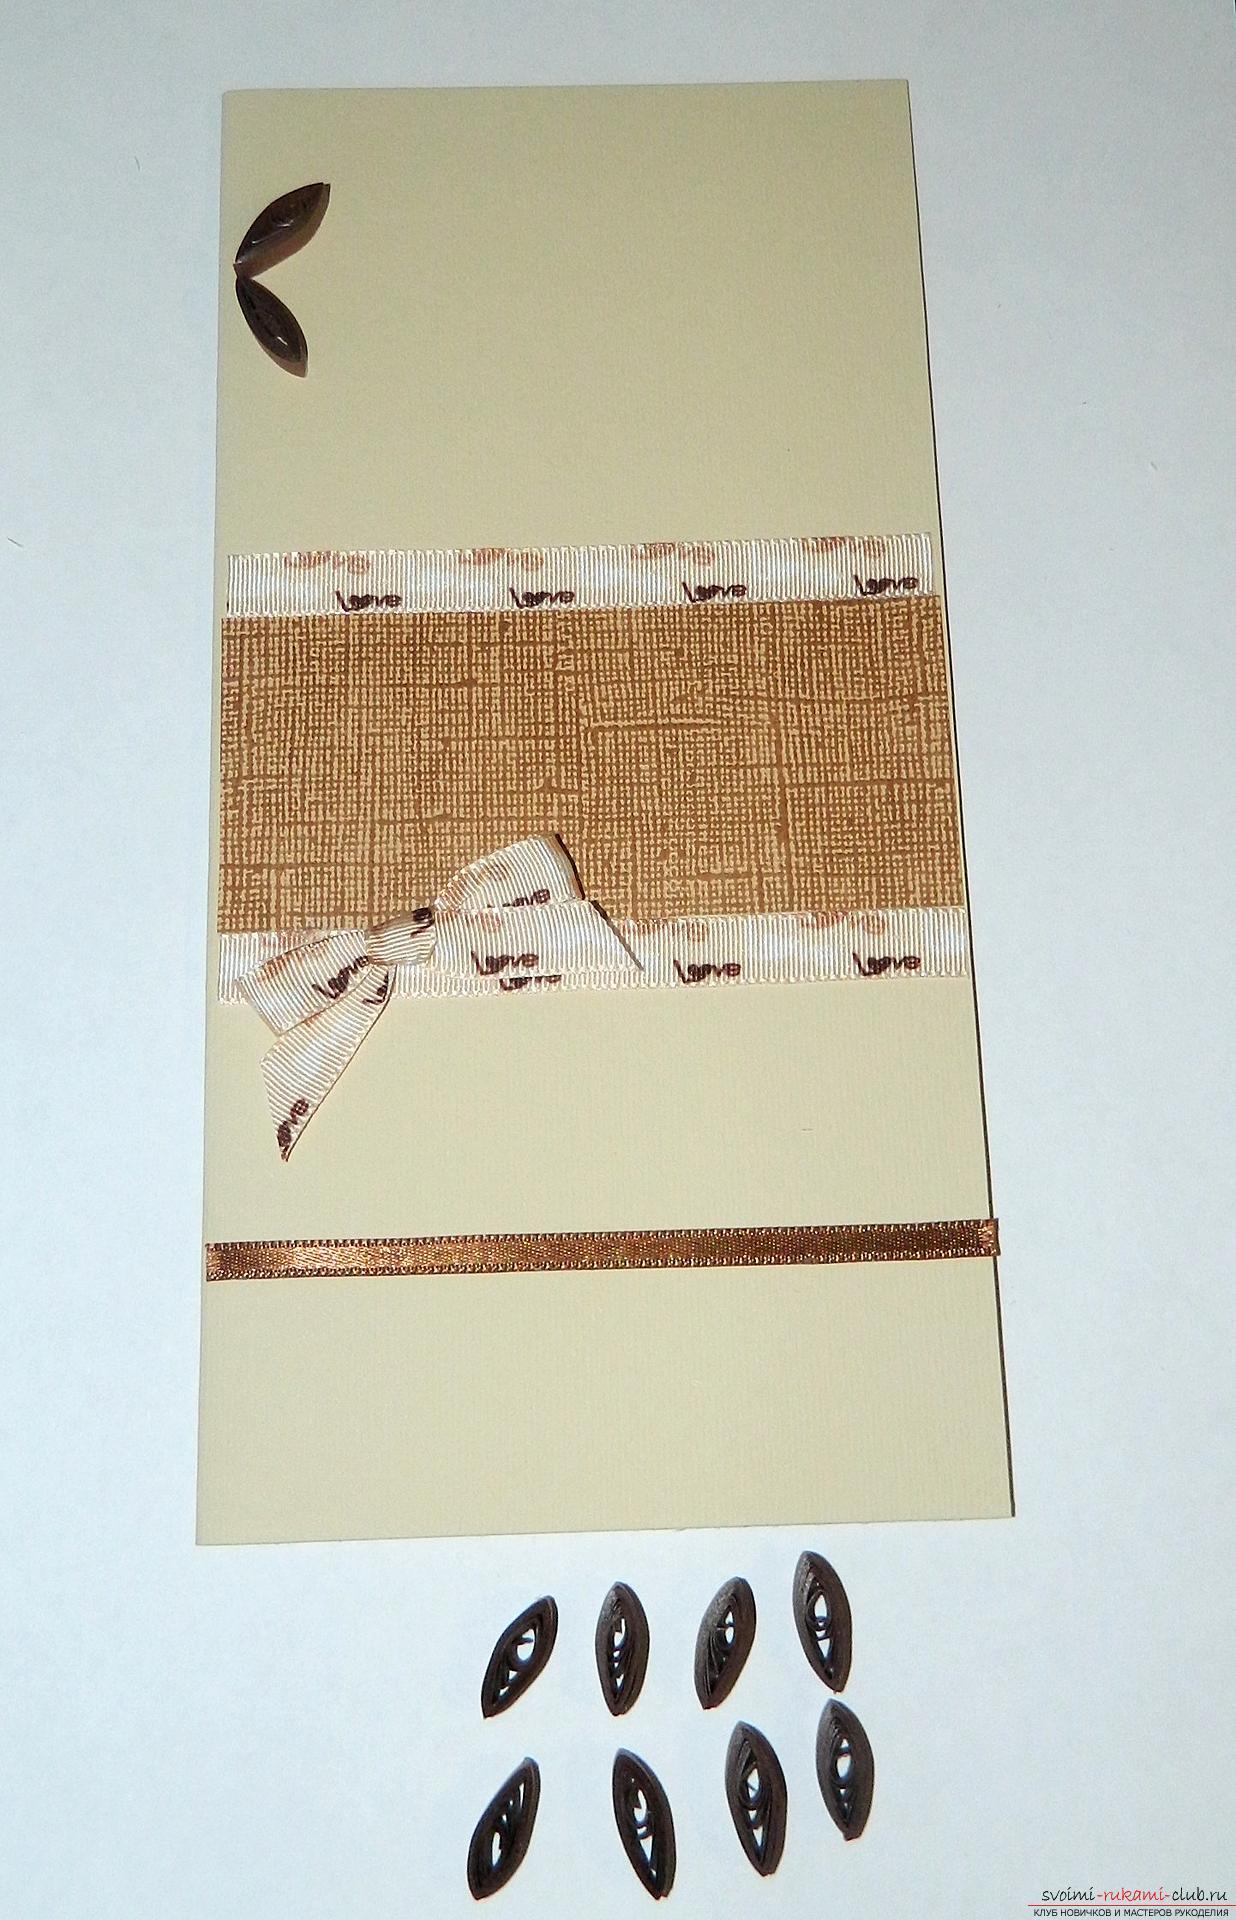 Этот мастер-класс научит как сделать классическую открытку с днем рождения своими руками.. Фото №12